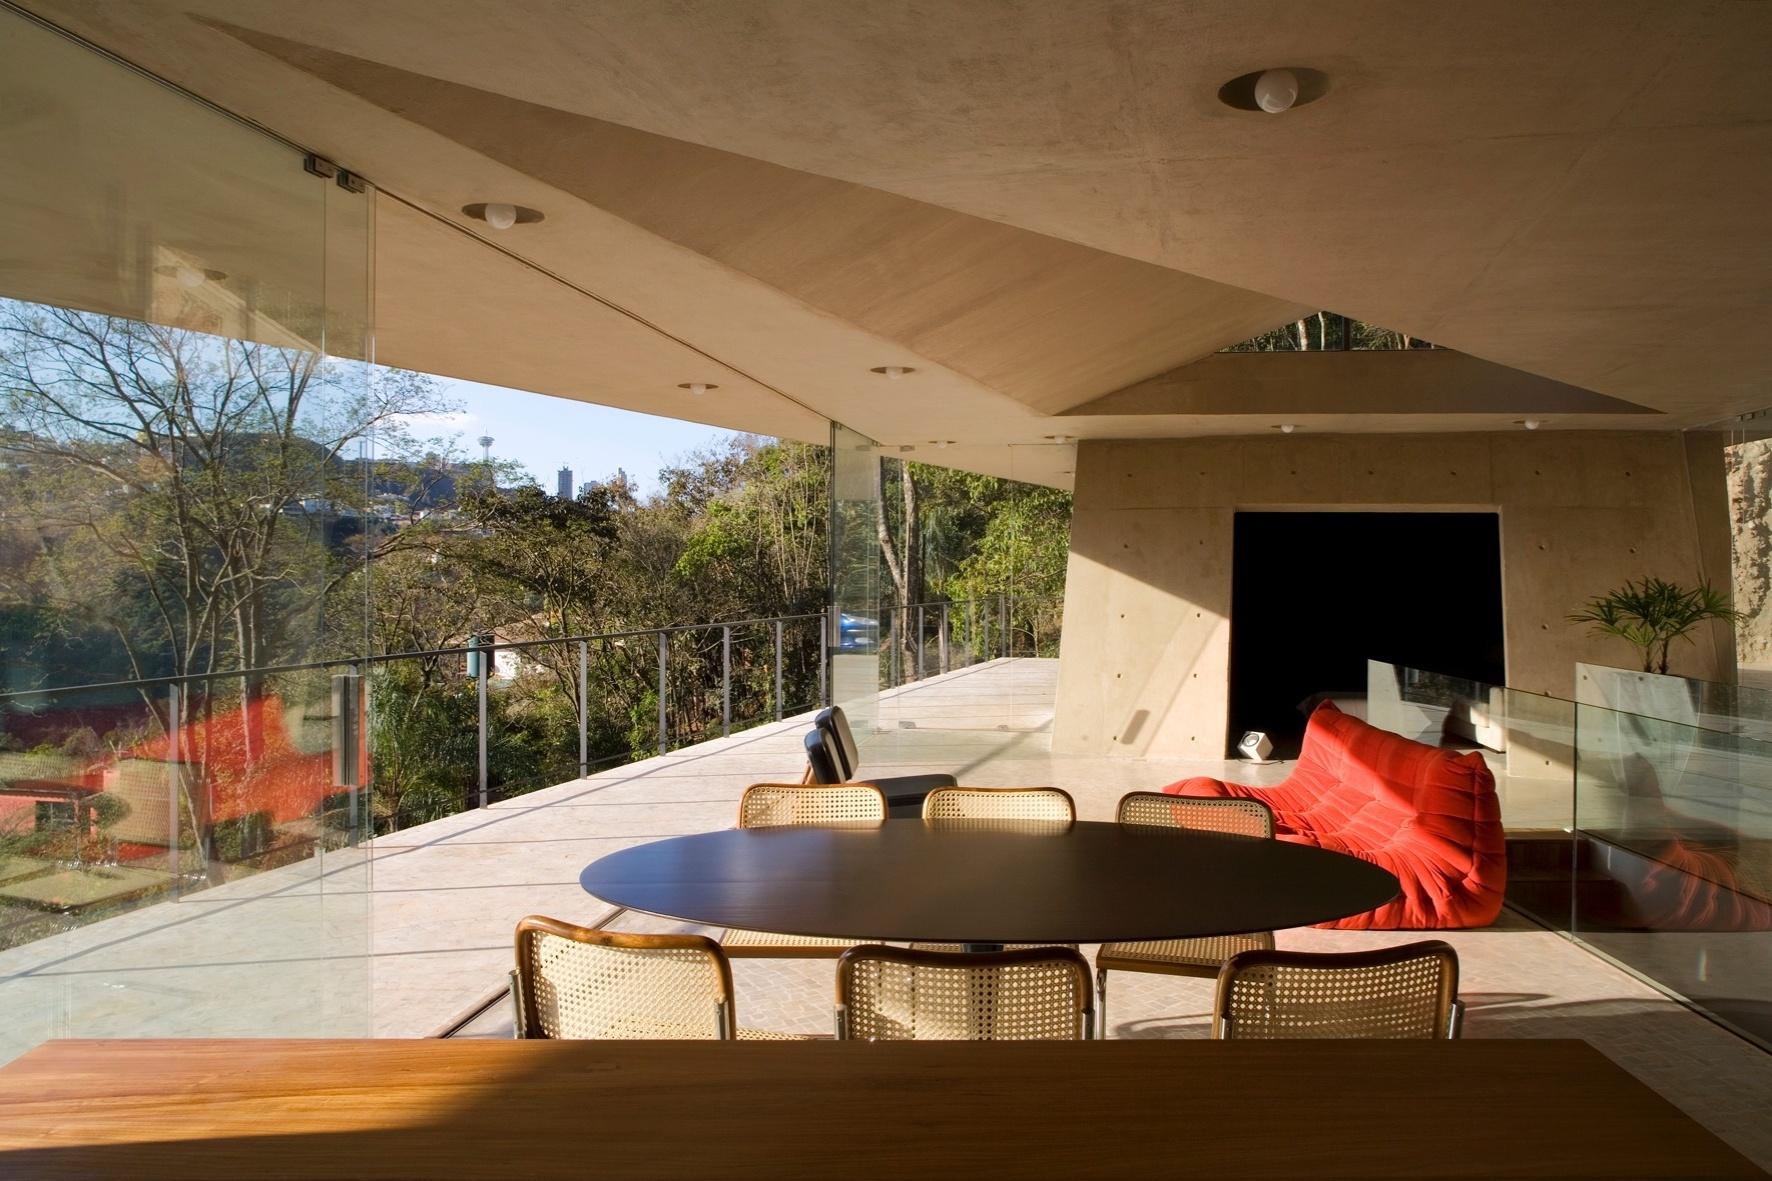 A iluminação (Interpam) compõe sistema simples e inteligente usado por Oscar Niemeyer em projetos como o Cassino da Pampulha (hoje Museu de Arte da Pampulha). Econômica, a solução consiste em moldar as entradas para as lâmpadas inserindo calotas (15 cm de profundidade por 30 cm de diâmetro), antes mesmo de concretar a laje. Assim, a própria cobertura já é executada com cuidado aos pontos exatos onde lâmpadas serão colocadas.  A Casa PL é assinada por Fernando Maculan e Pedro Morais